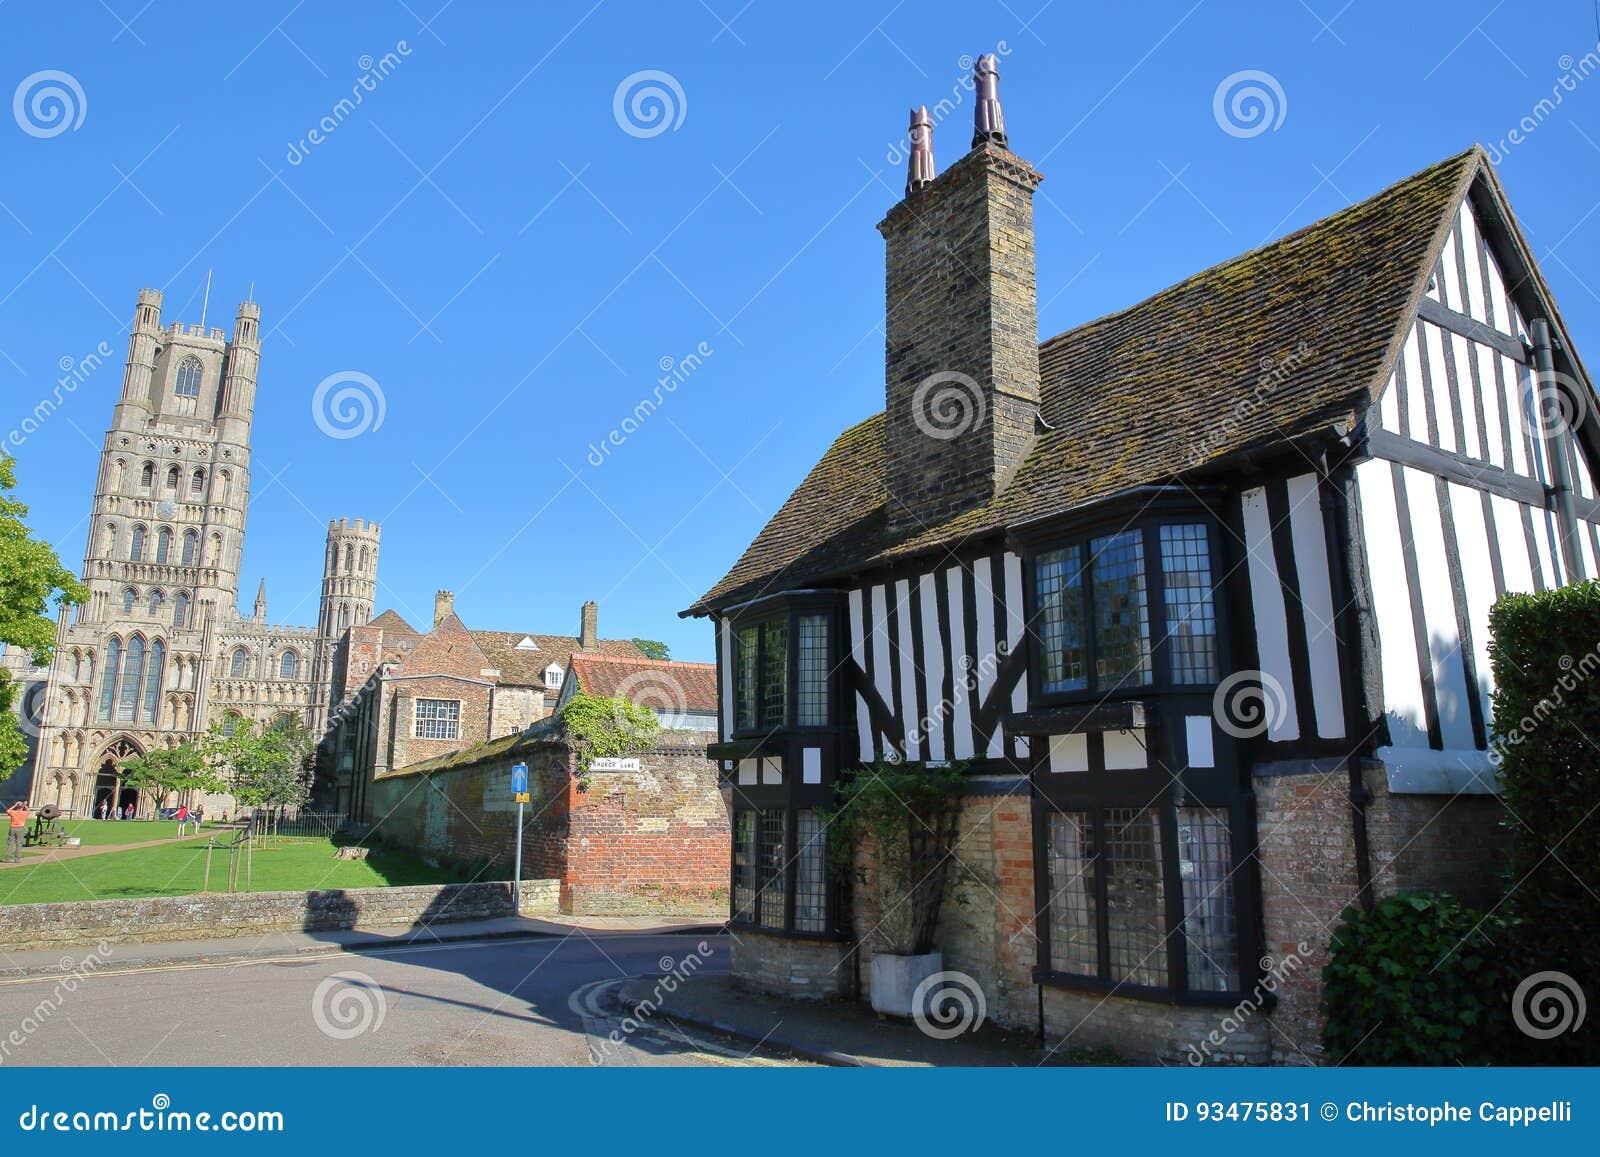 Widok cembruję obramiający i średniowieczny dom w Ely UK z Zachodnią częścią katedra w tle